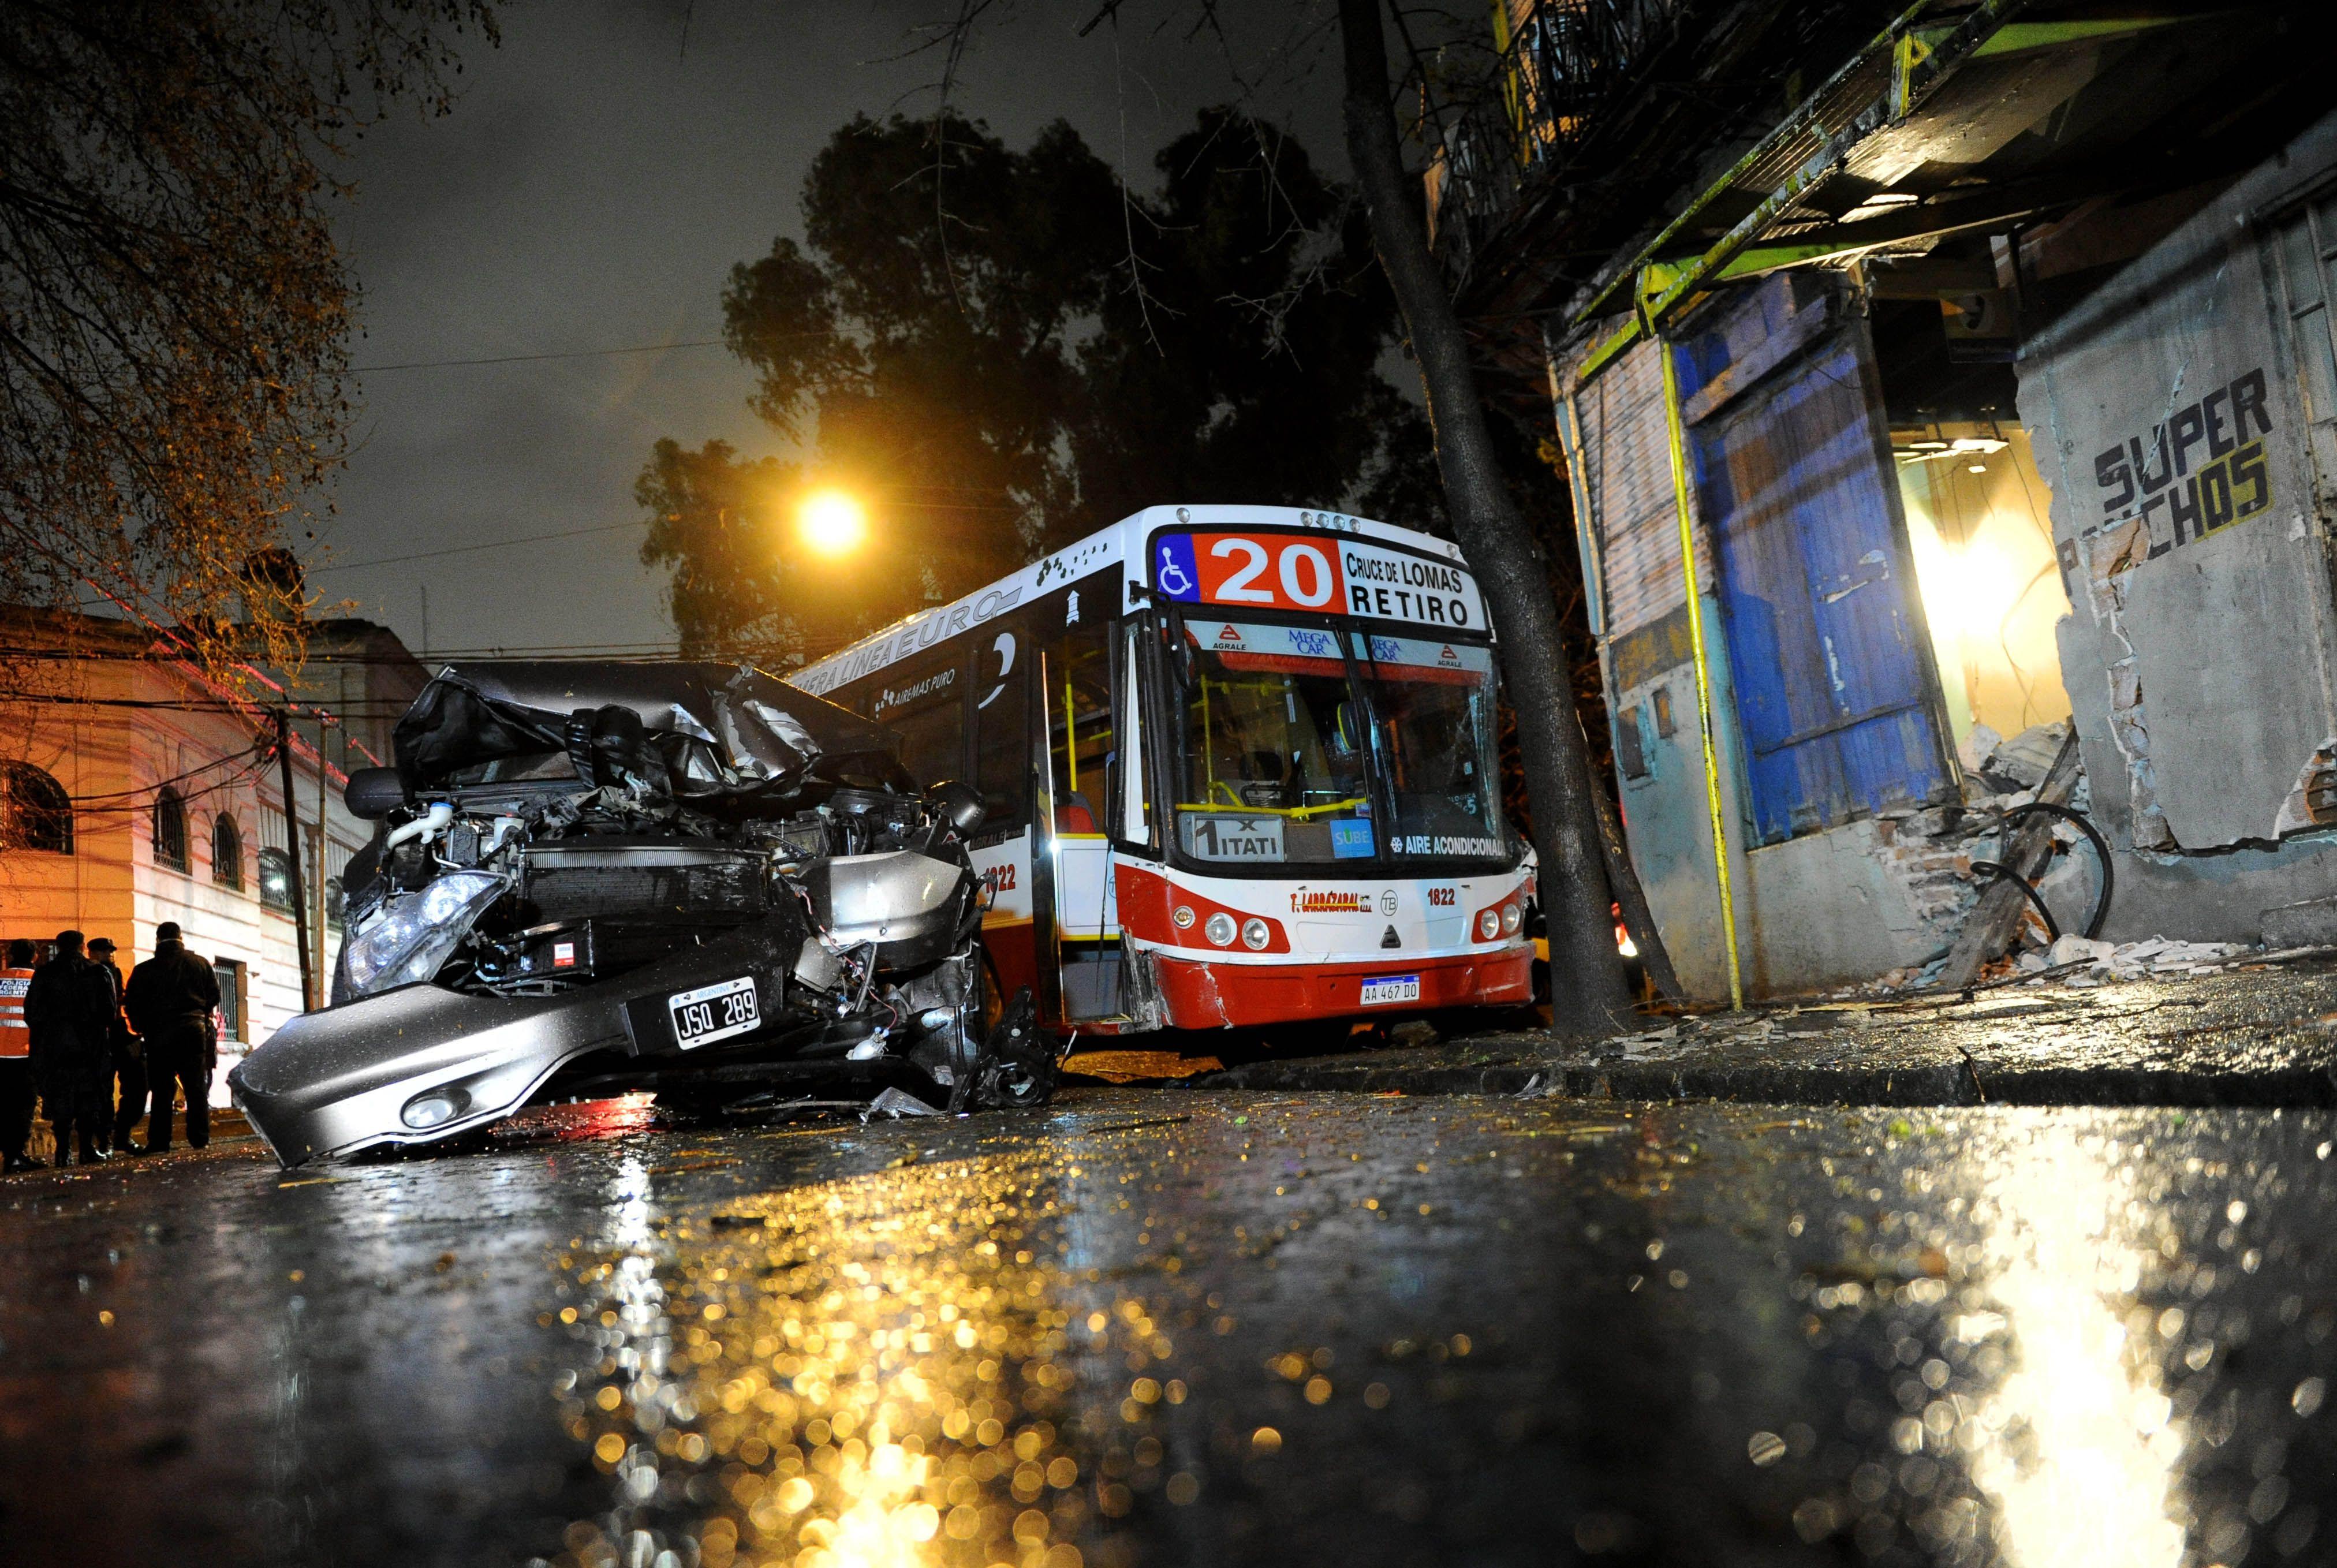 Un colectivo se incrustó en una casa en La Boca: al menos 15 heridos